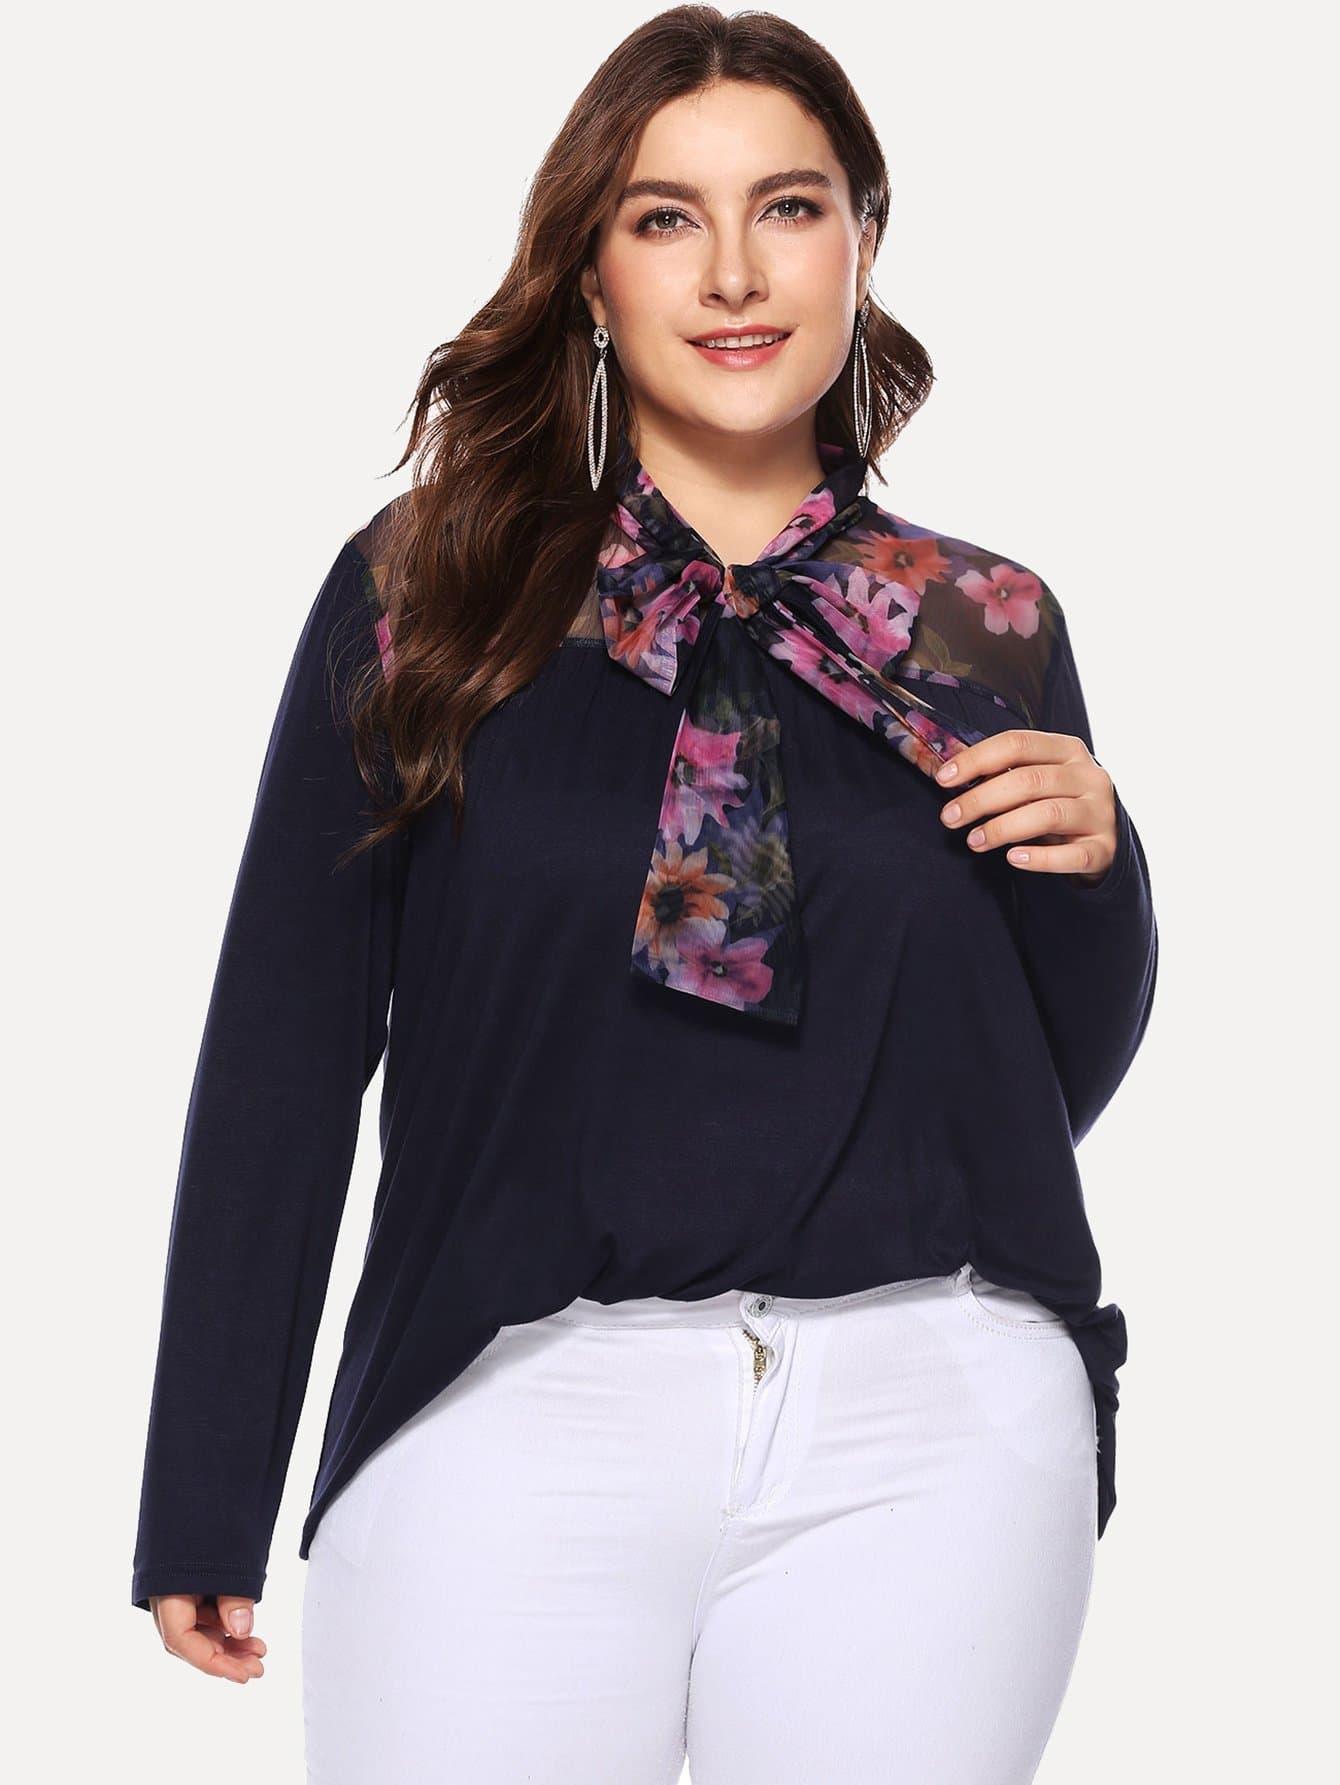 Купить Повседневные Цветочный с бантом Тёмно-синие Блузы большого размера, Franziska, SheIn